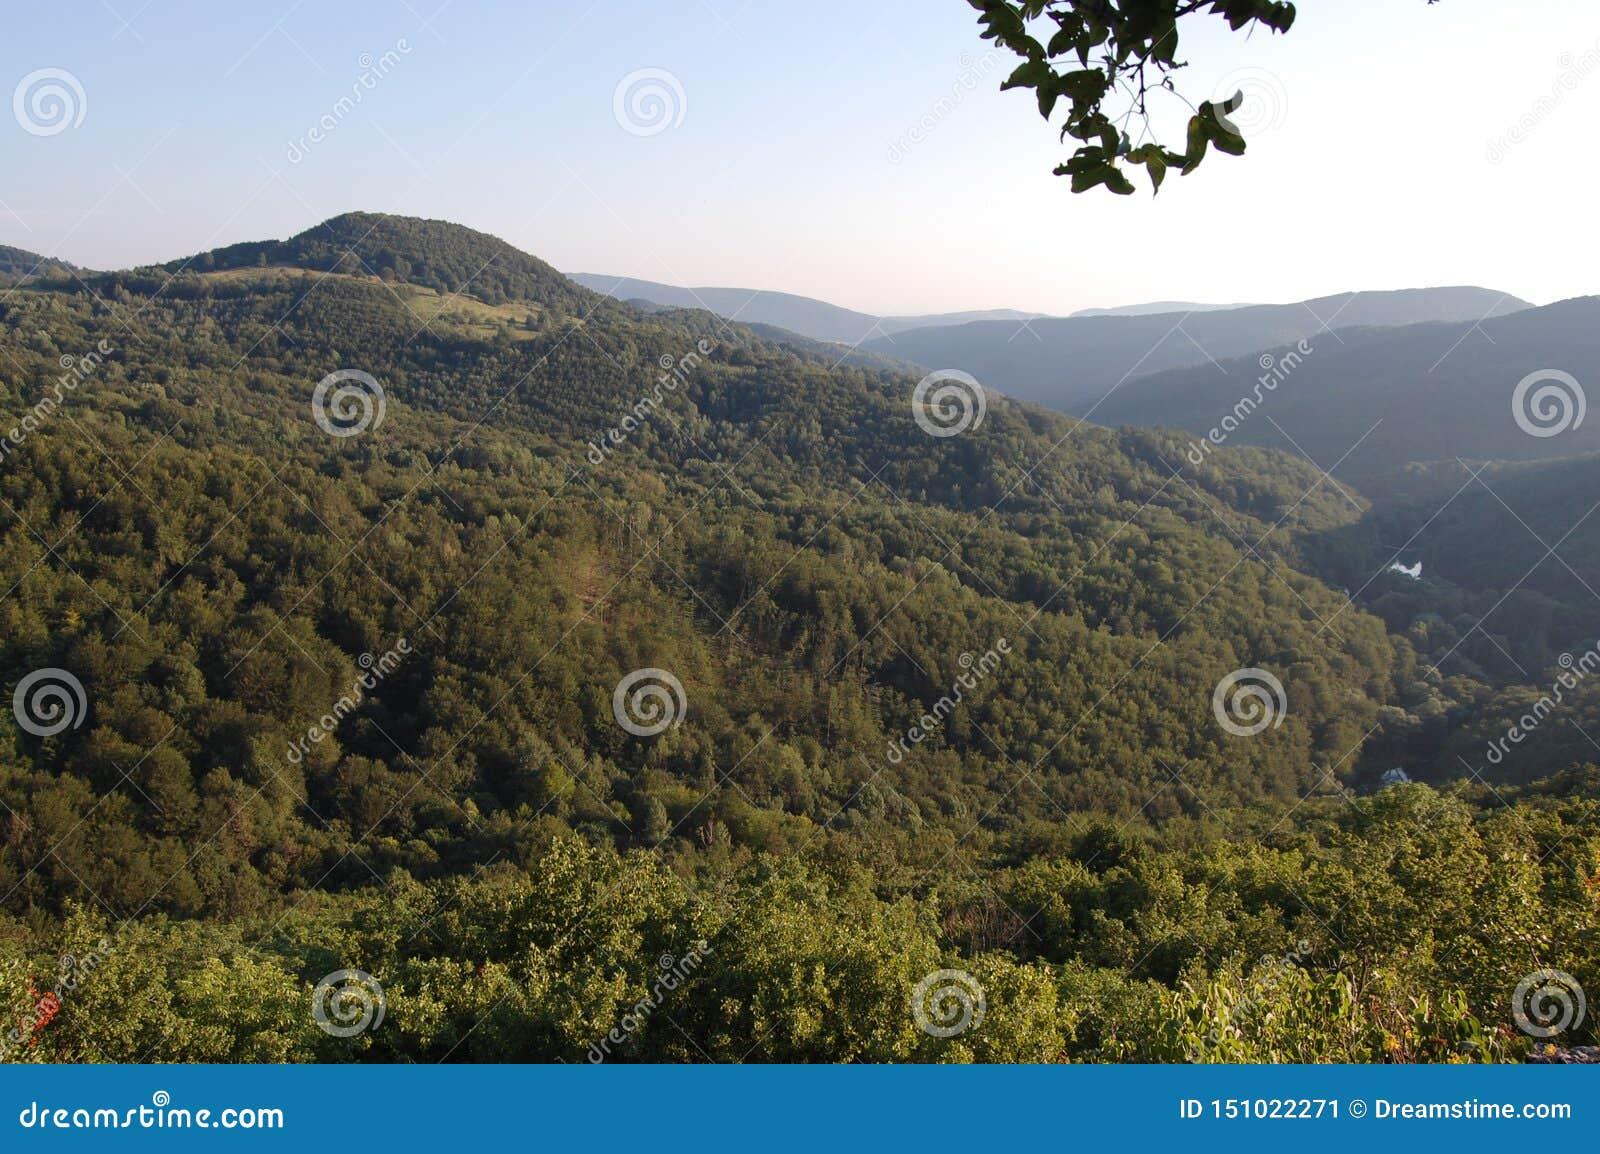 Schöne Landschaft, Baum, Wald und Berge bei Grza, Serbien